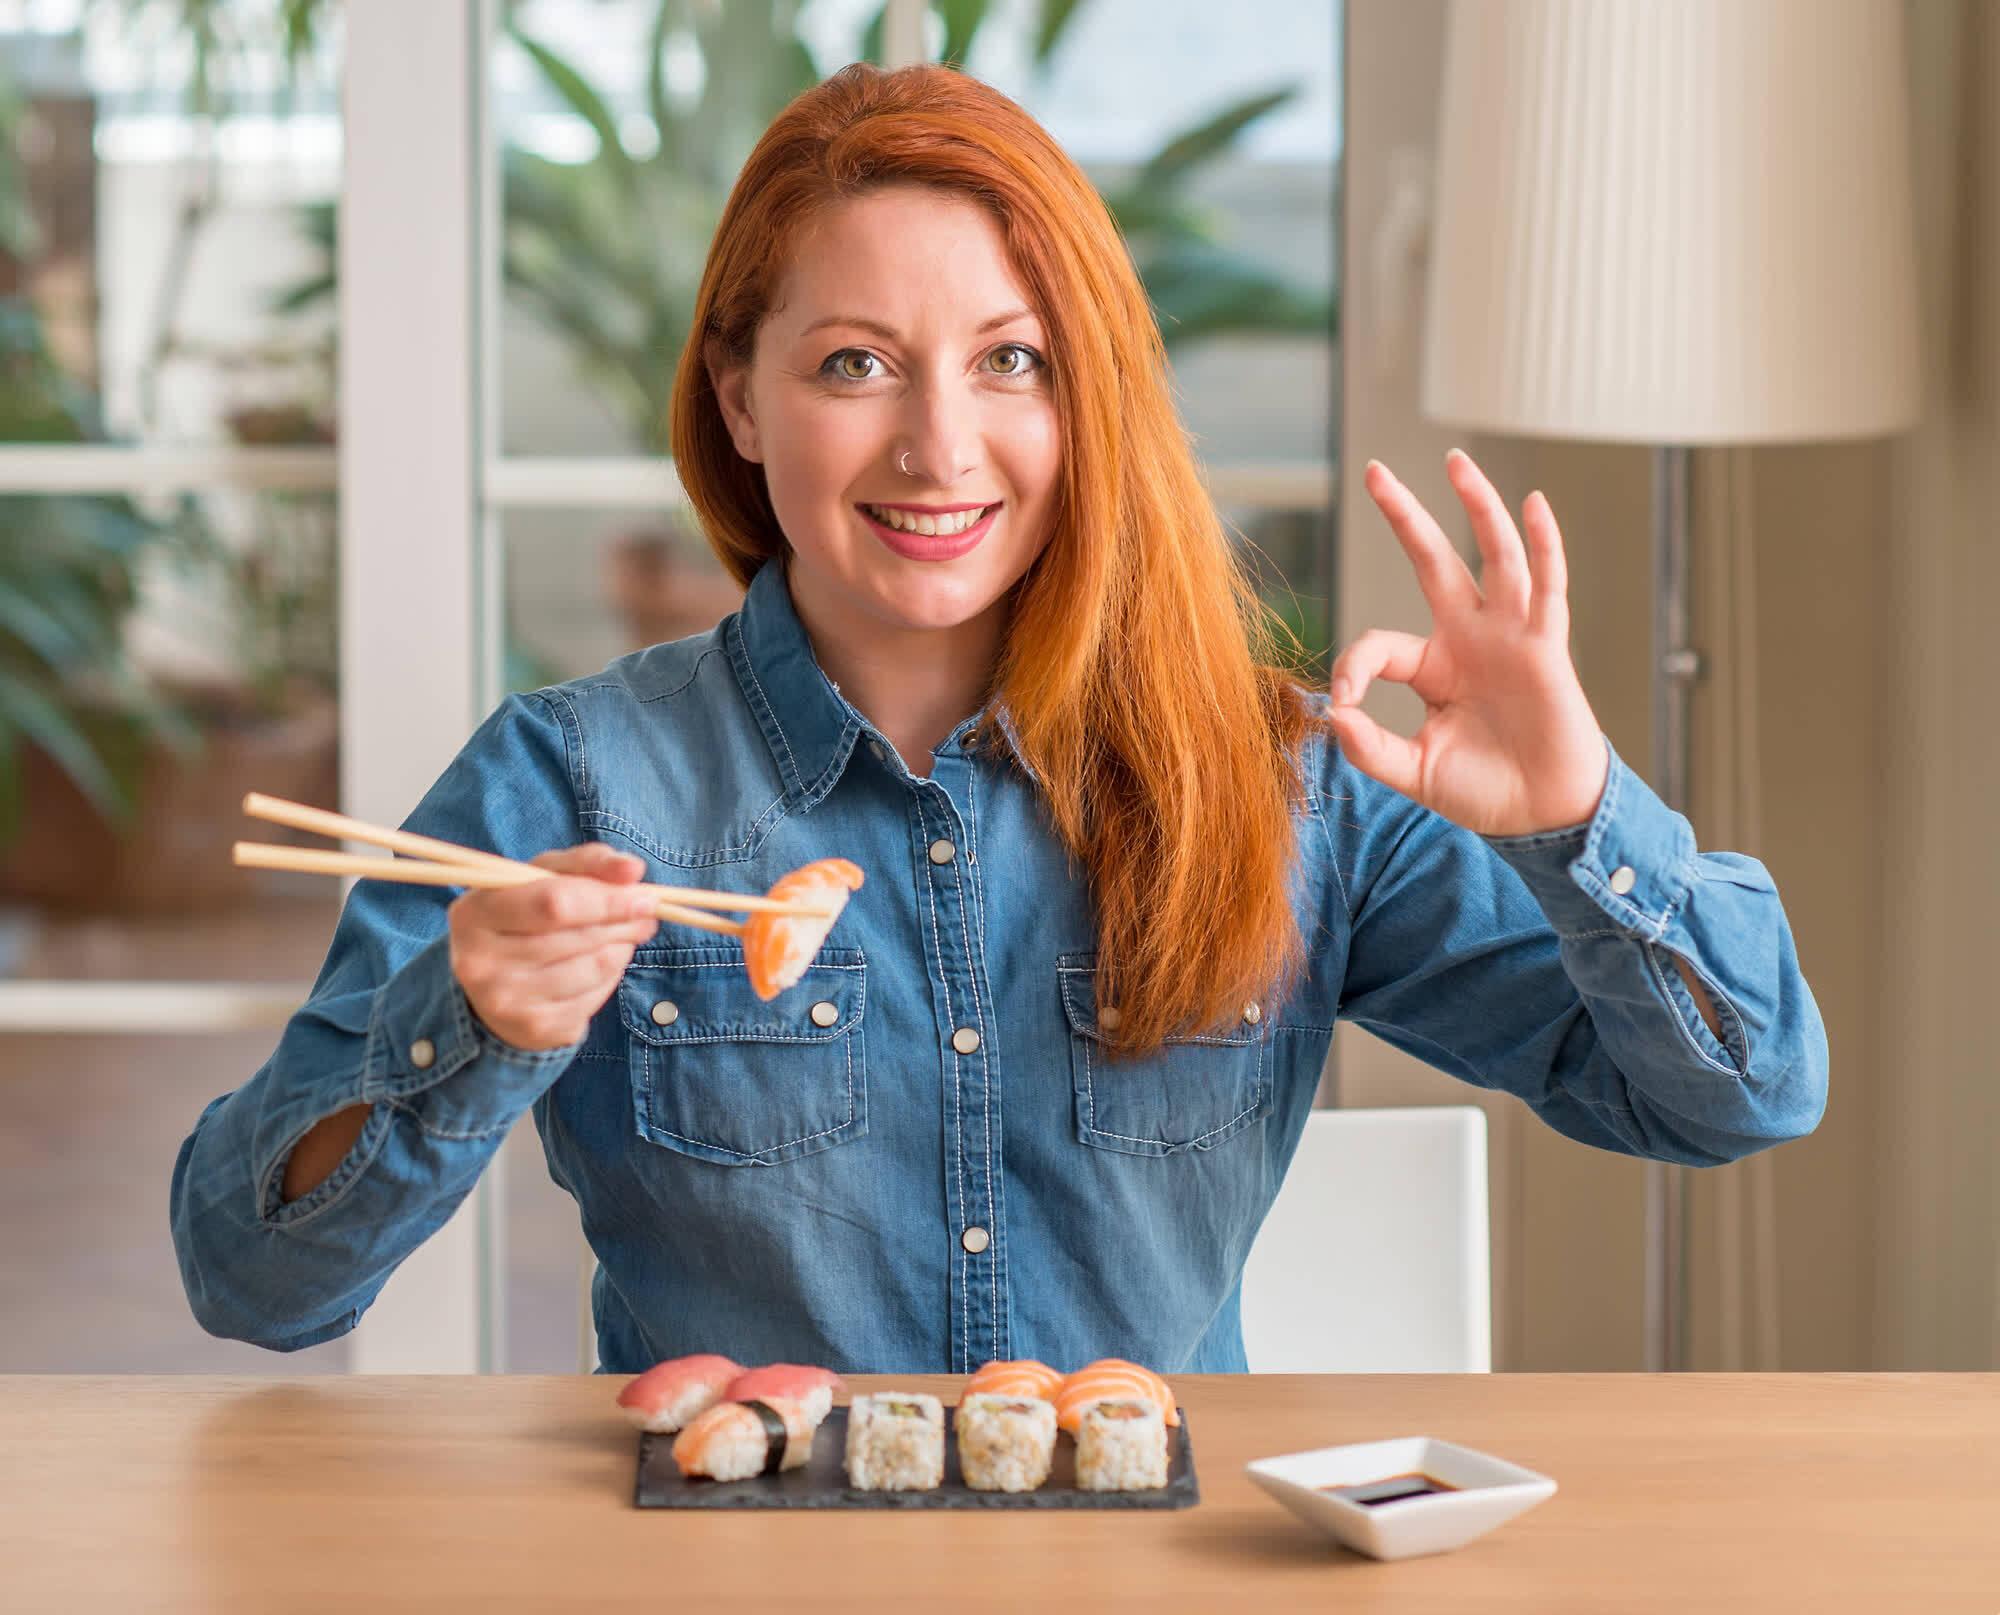 девушка ест правильное суши